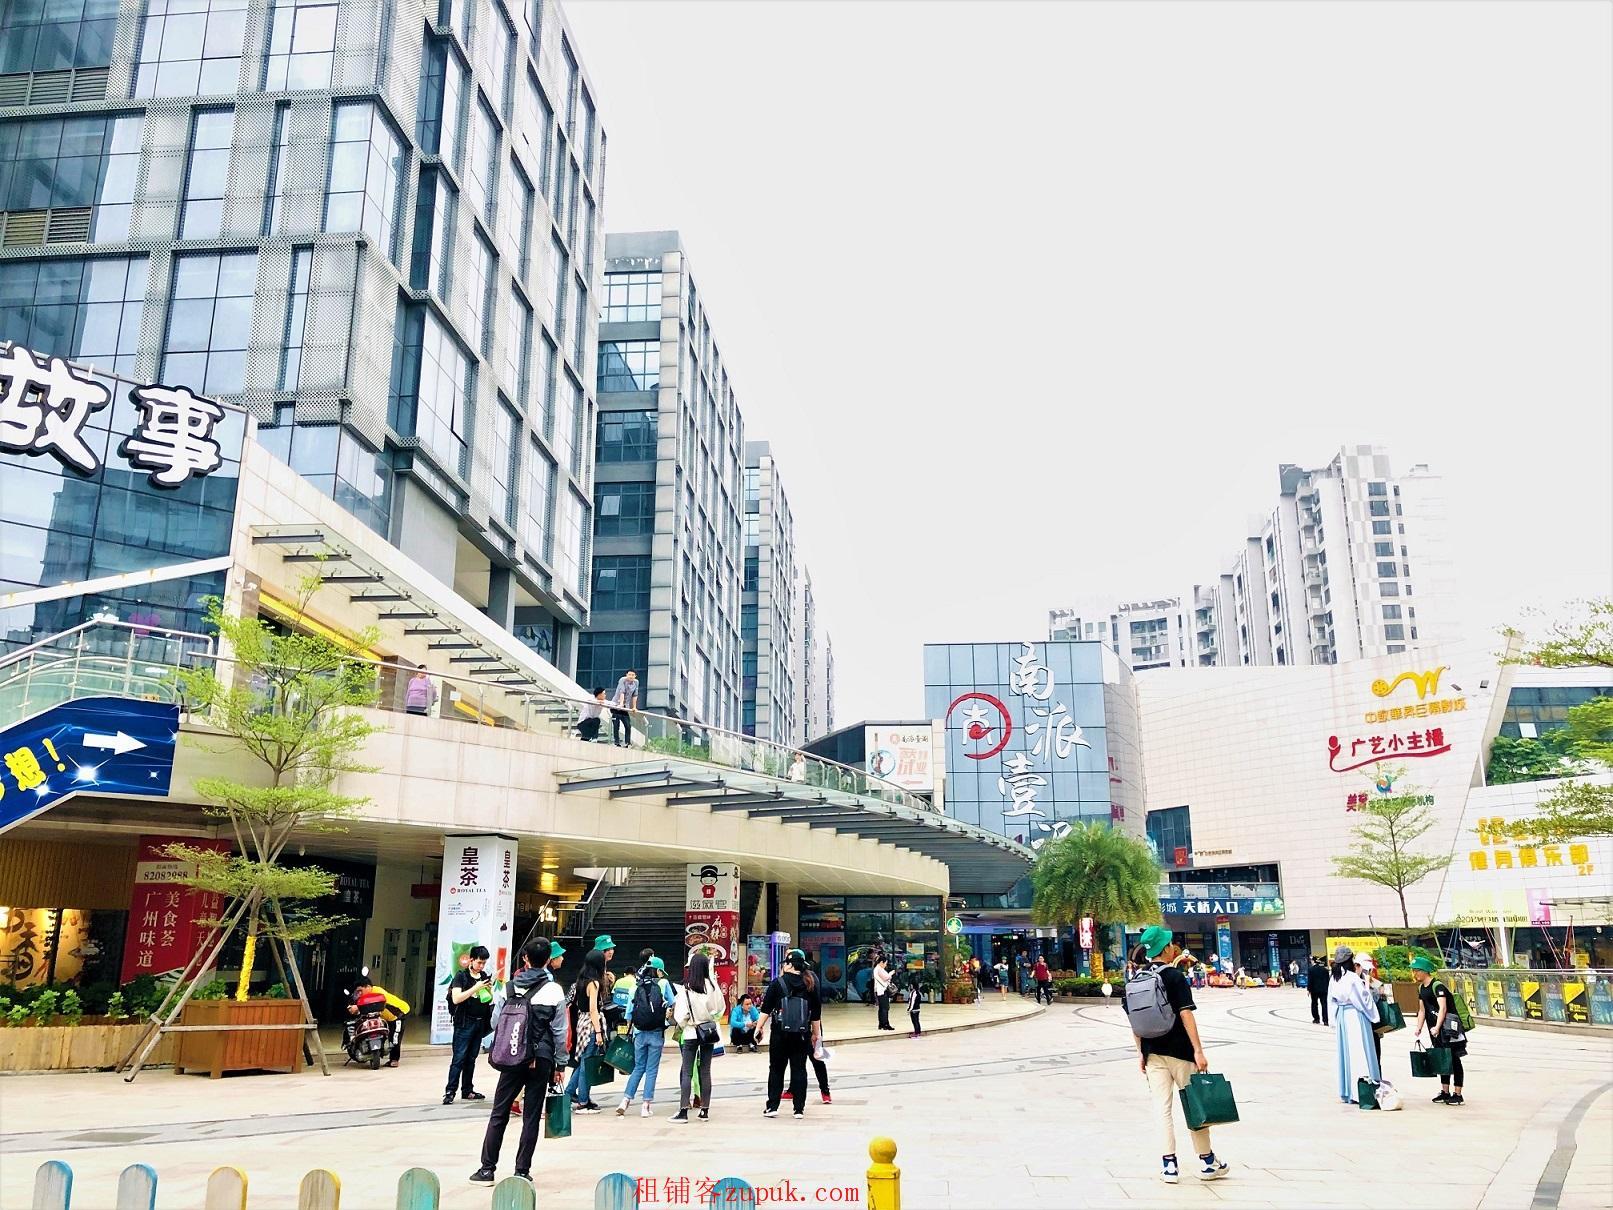 地铁六号线香雪站旁,特招超市,生鲜蔬果市场商场直招寻求共赢